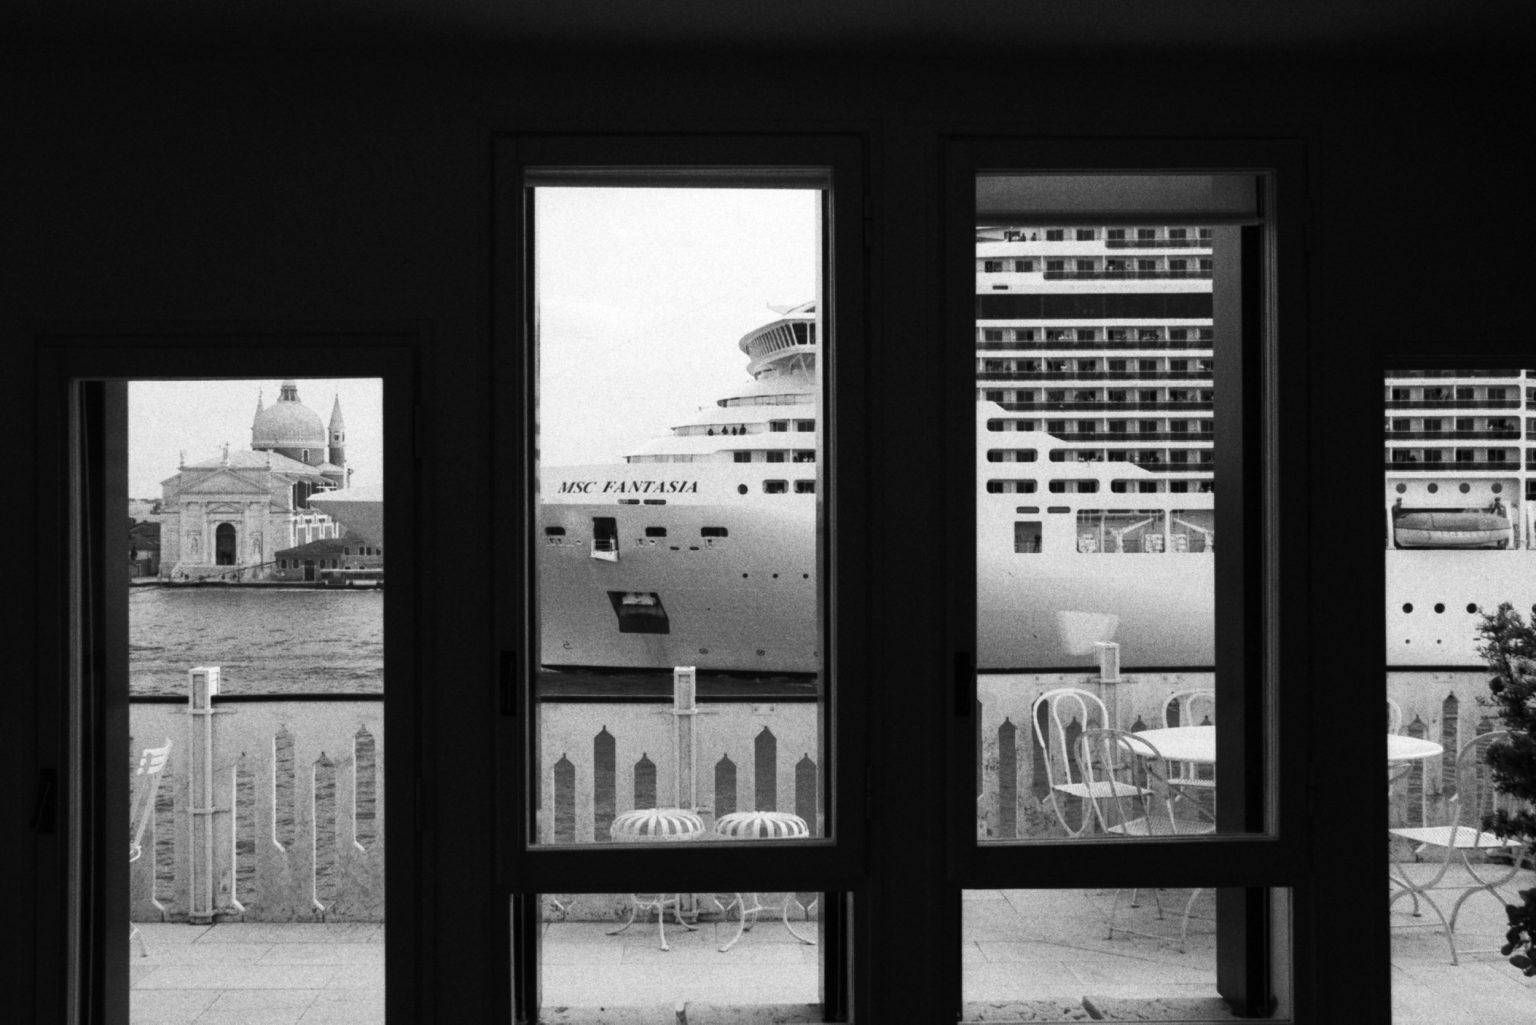 """Venice, August 2013 - Big cruise liners invade the city - MSC Fantasia cruise ship passing by the old town ><  Venezia, agosto 2013 - Le grandi navi da crociera invadono la città - La MSC Fantasia passa davanti al centro storico<p><span style=""""color: #ff0000""""><strong>*** SPECIAL   FEE   APPLIES ***</strong></span></p>*** SPECIAL   FEE   APPLIES *** *** Local Caption *** 00483768"""